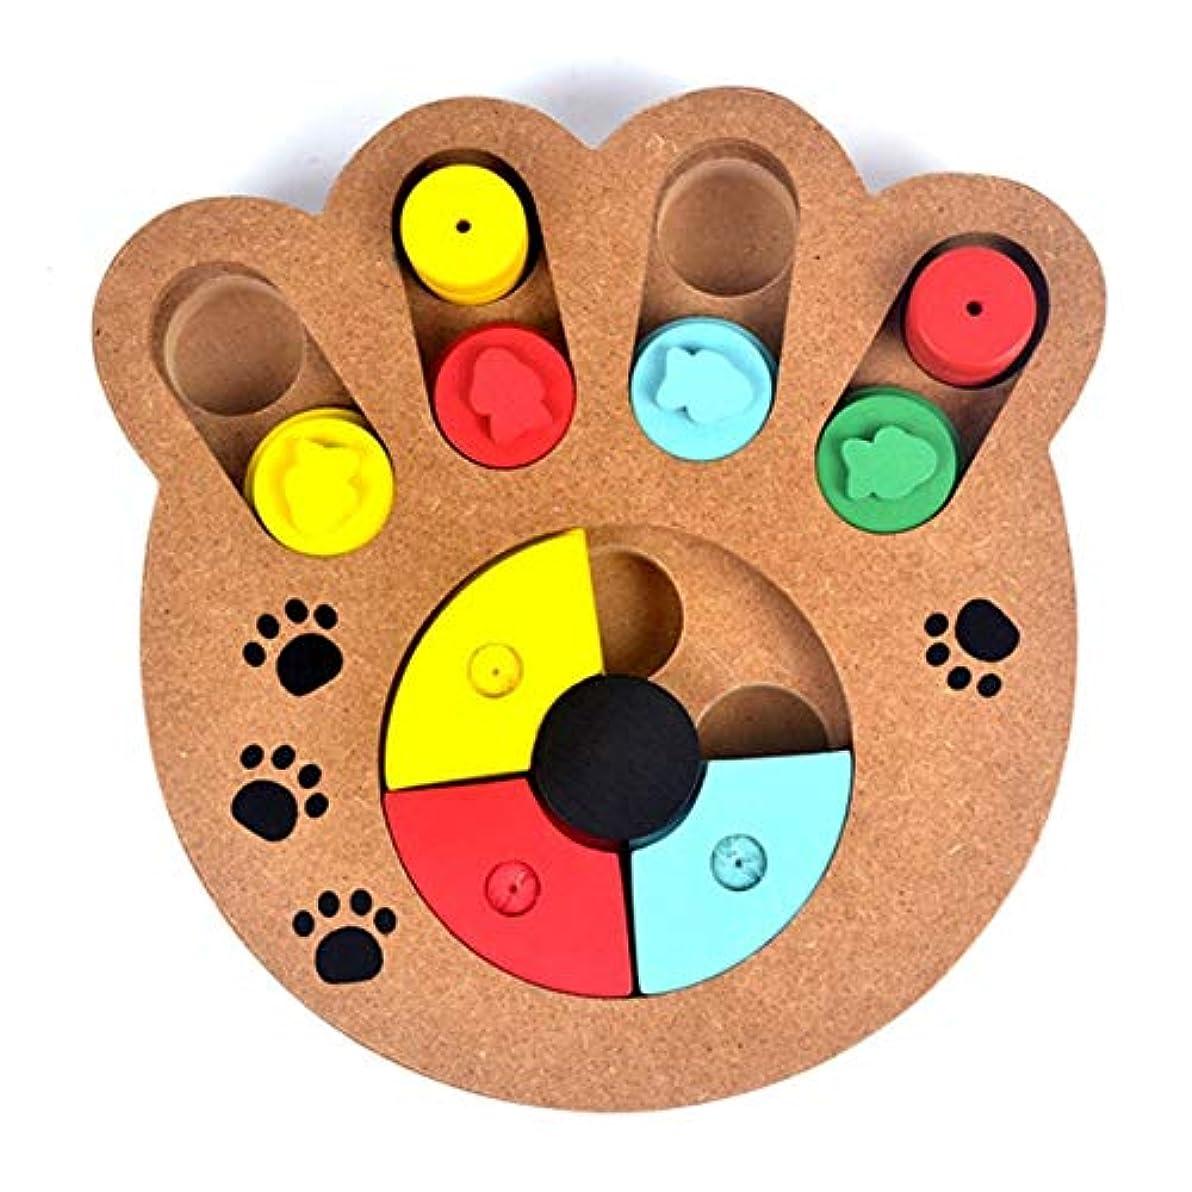 上流のコーナー農夫Saikogoods 多機能の自然食品は 子犬犬猫ペット用品のための木製教育ポウパズルインタラクティブ玩具扱い マルチカラーミックス